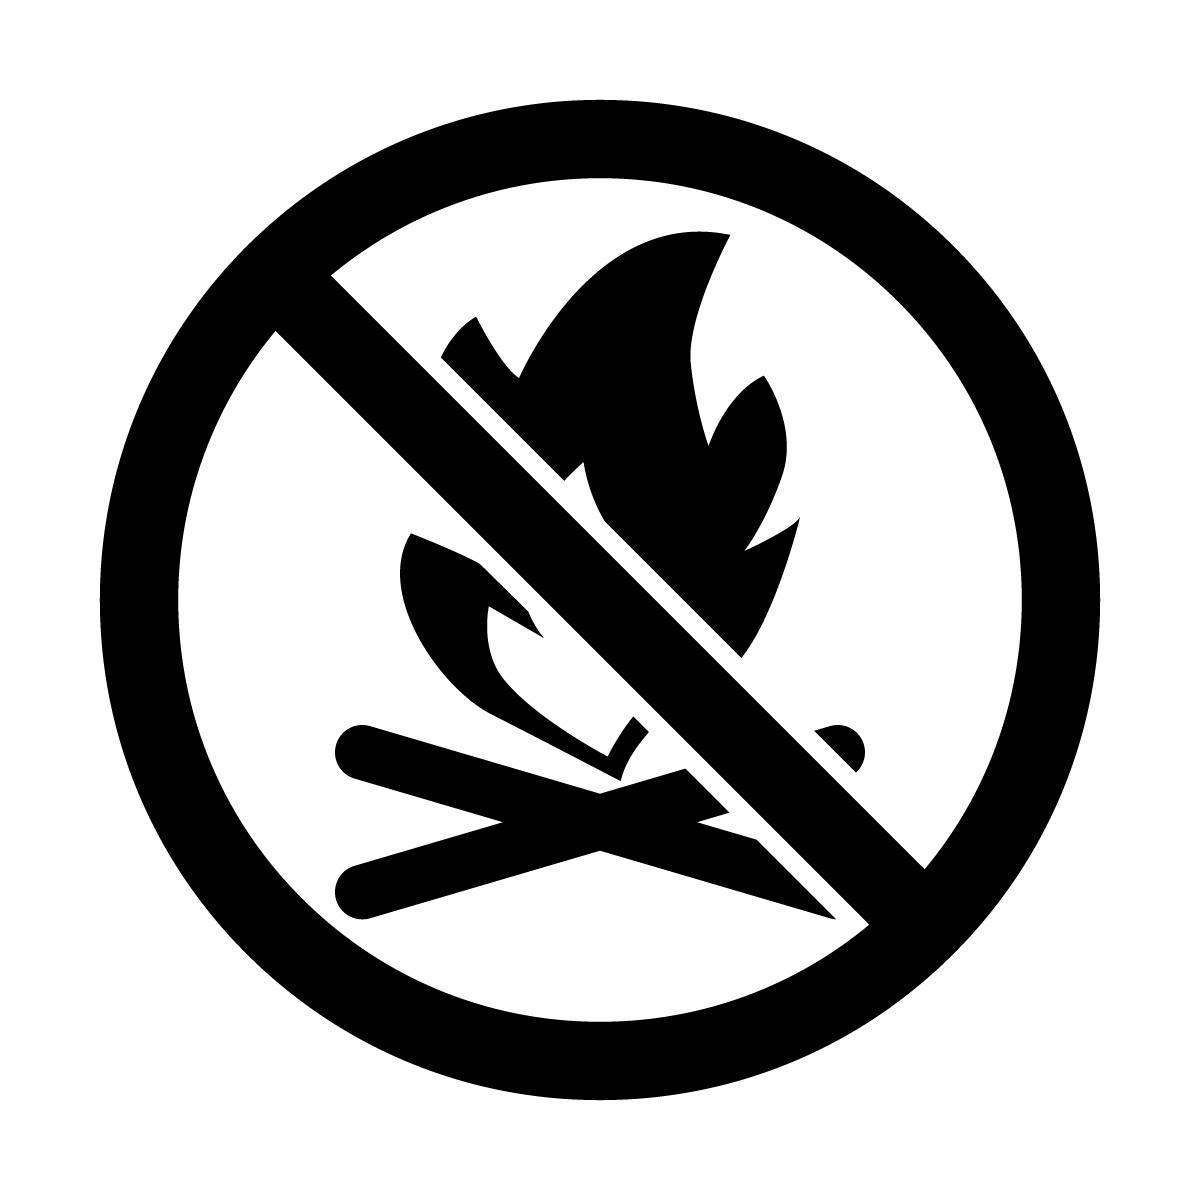 黒色の焚き火・火起こし禁止マークのカッティングステッカー・シール